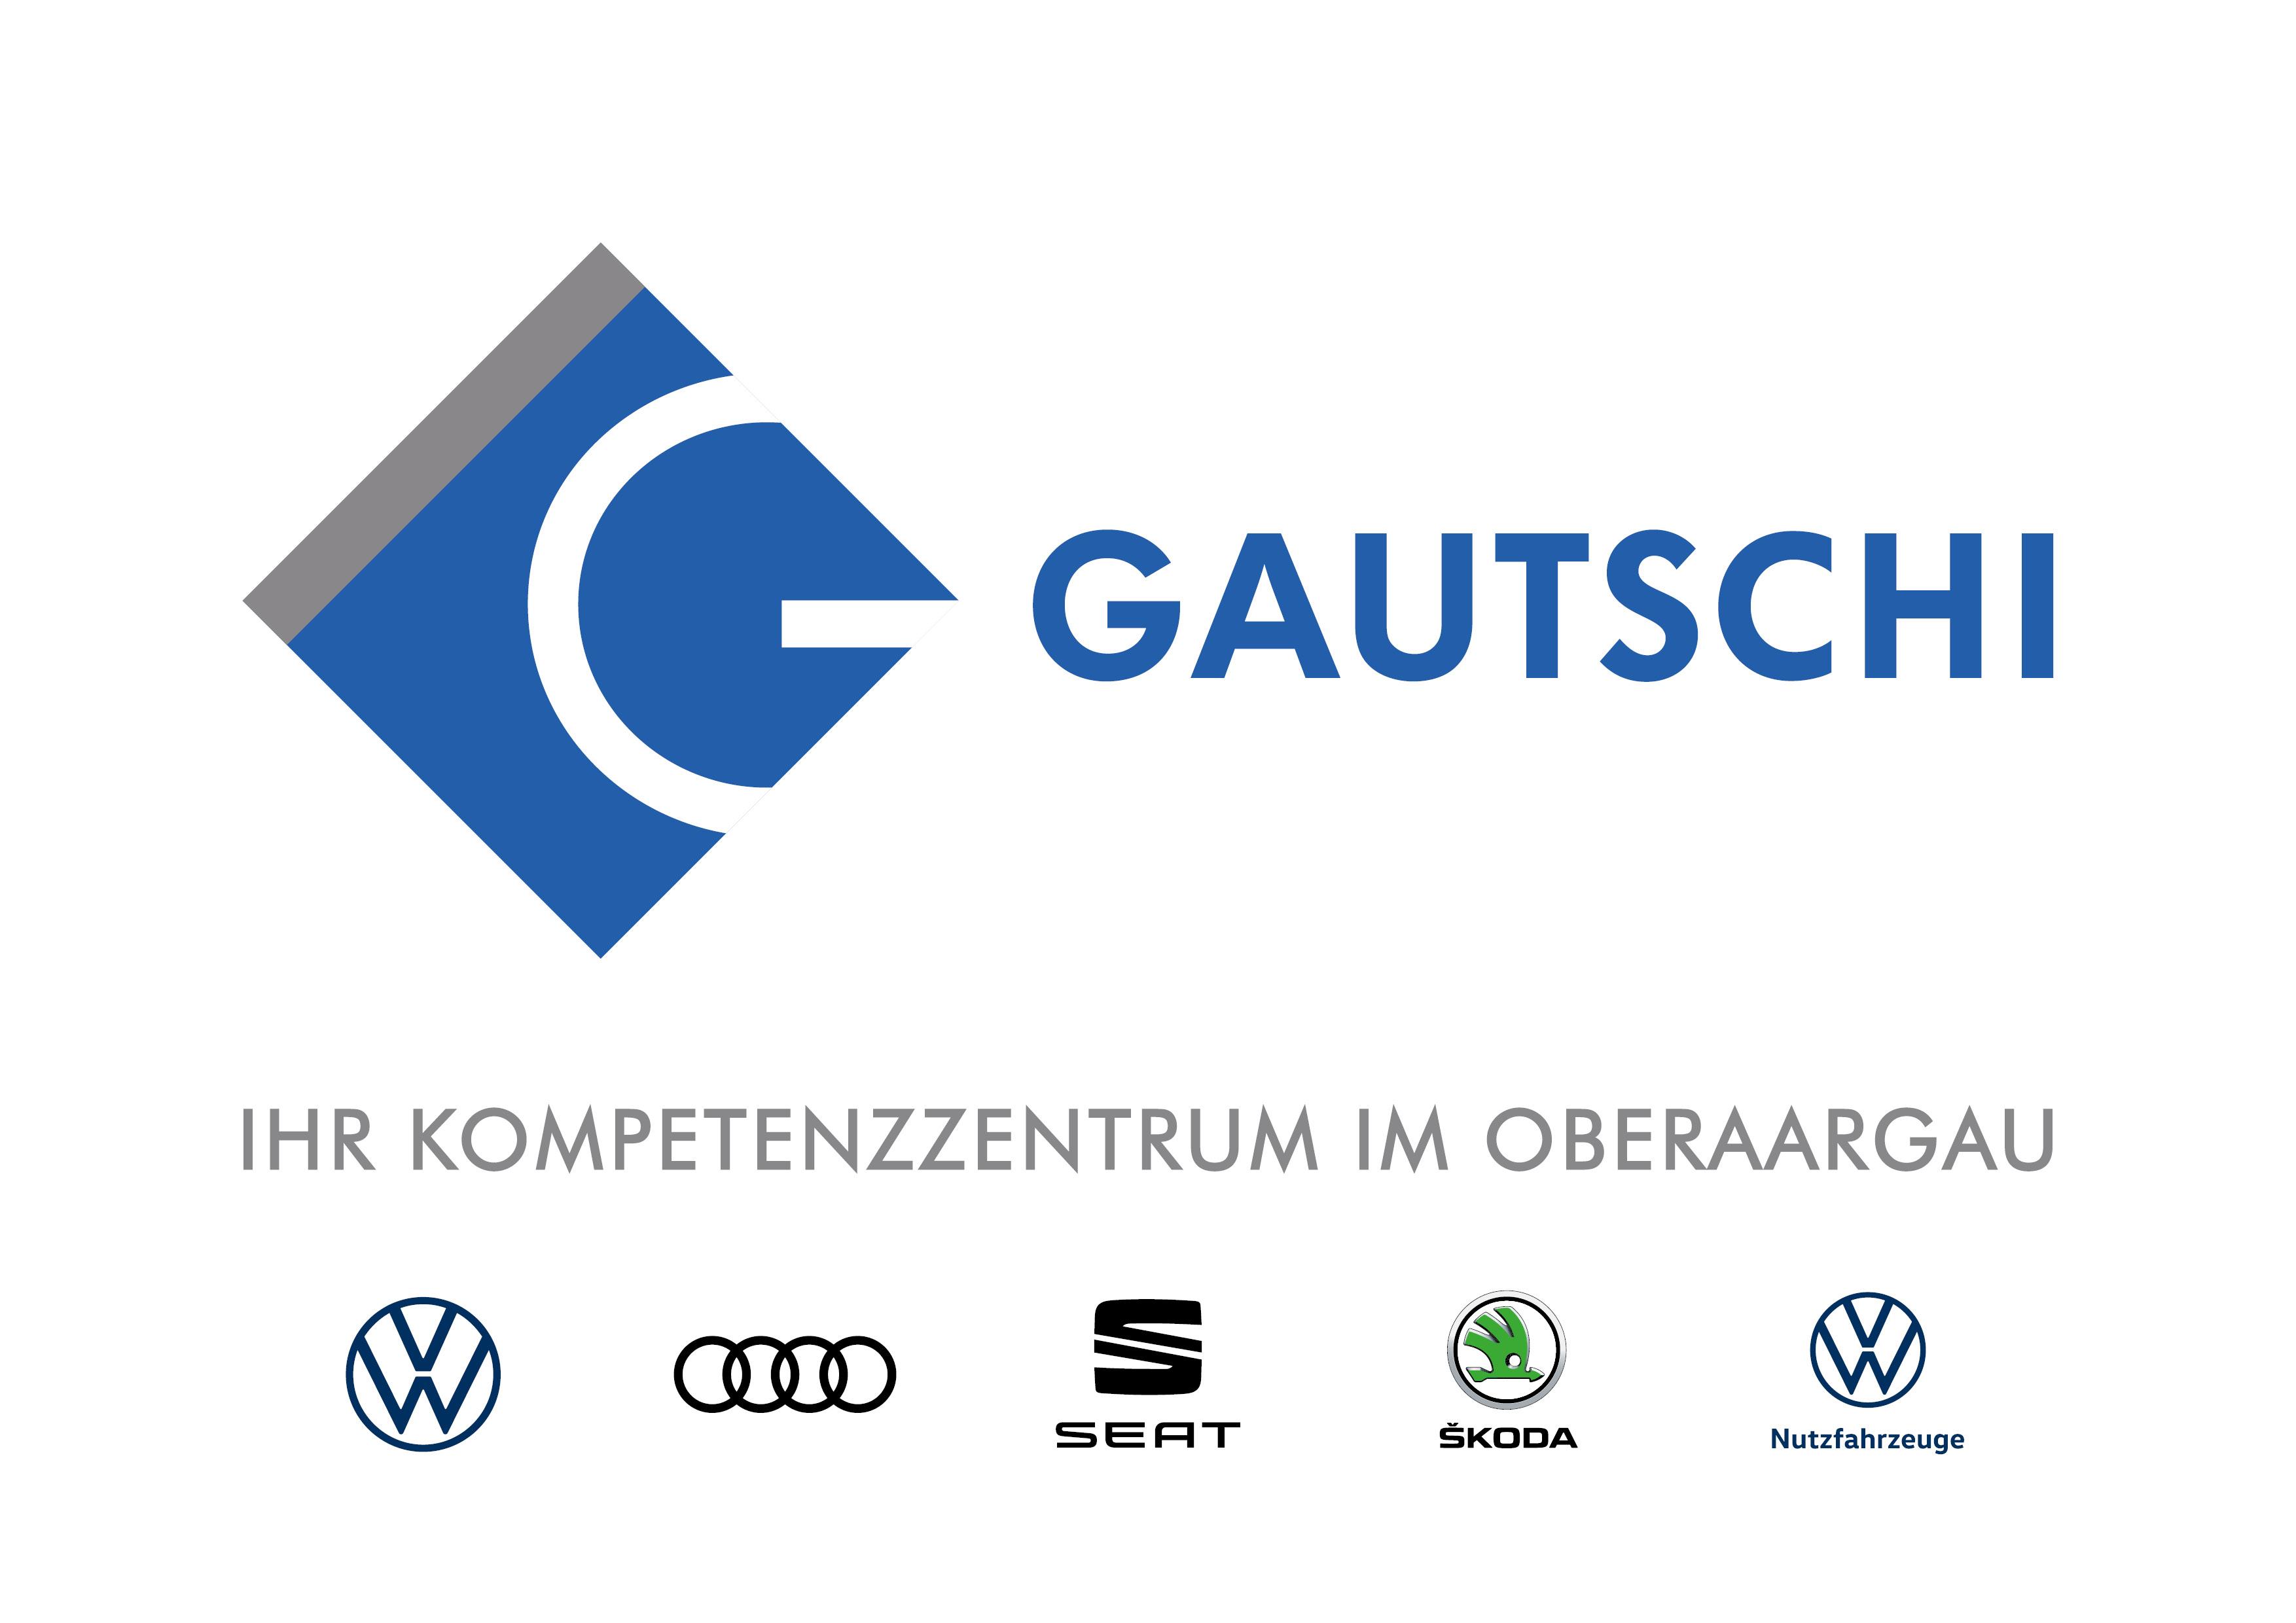 Garage Gautschijpg